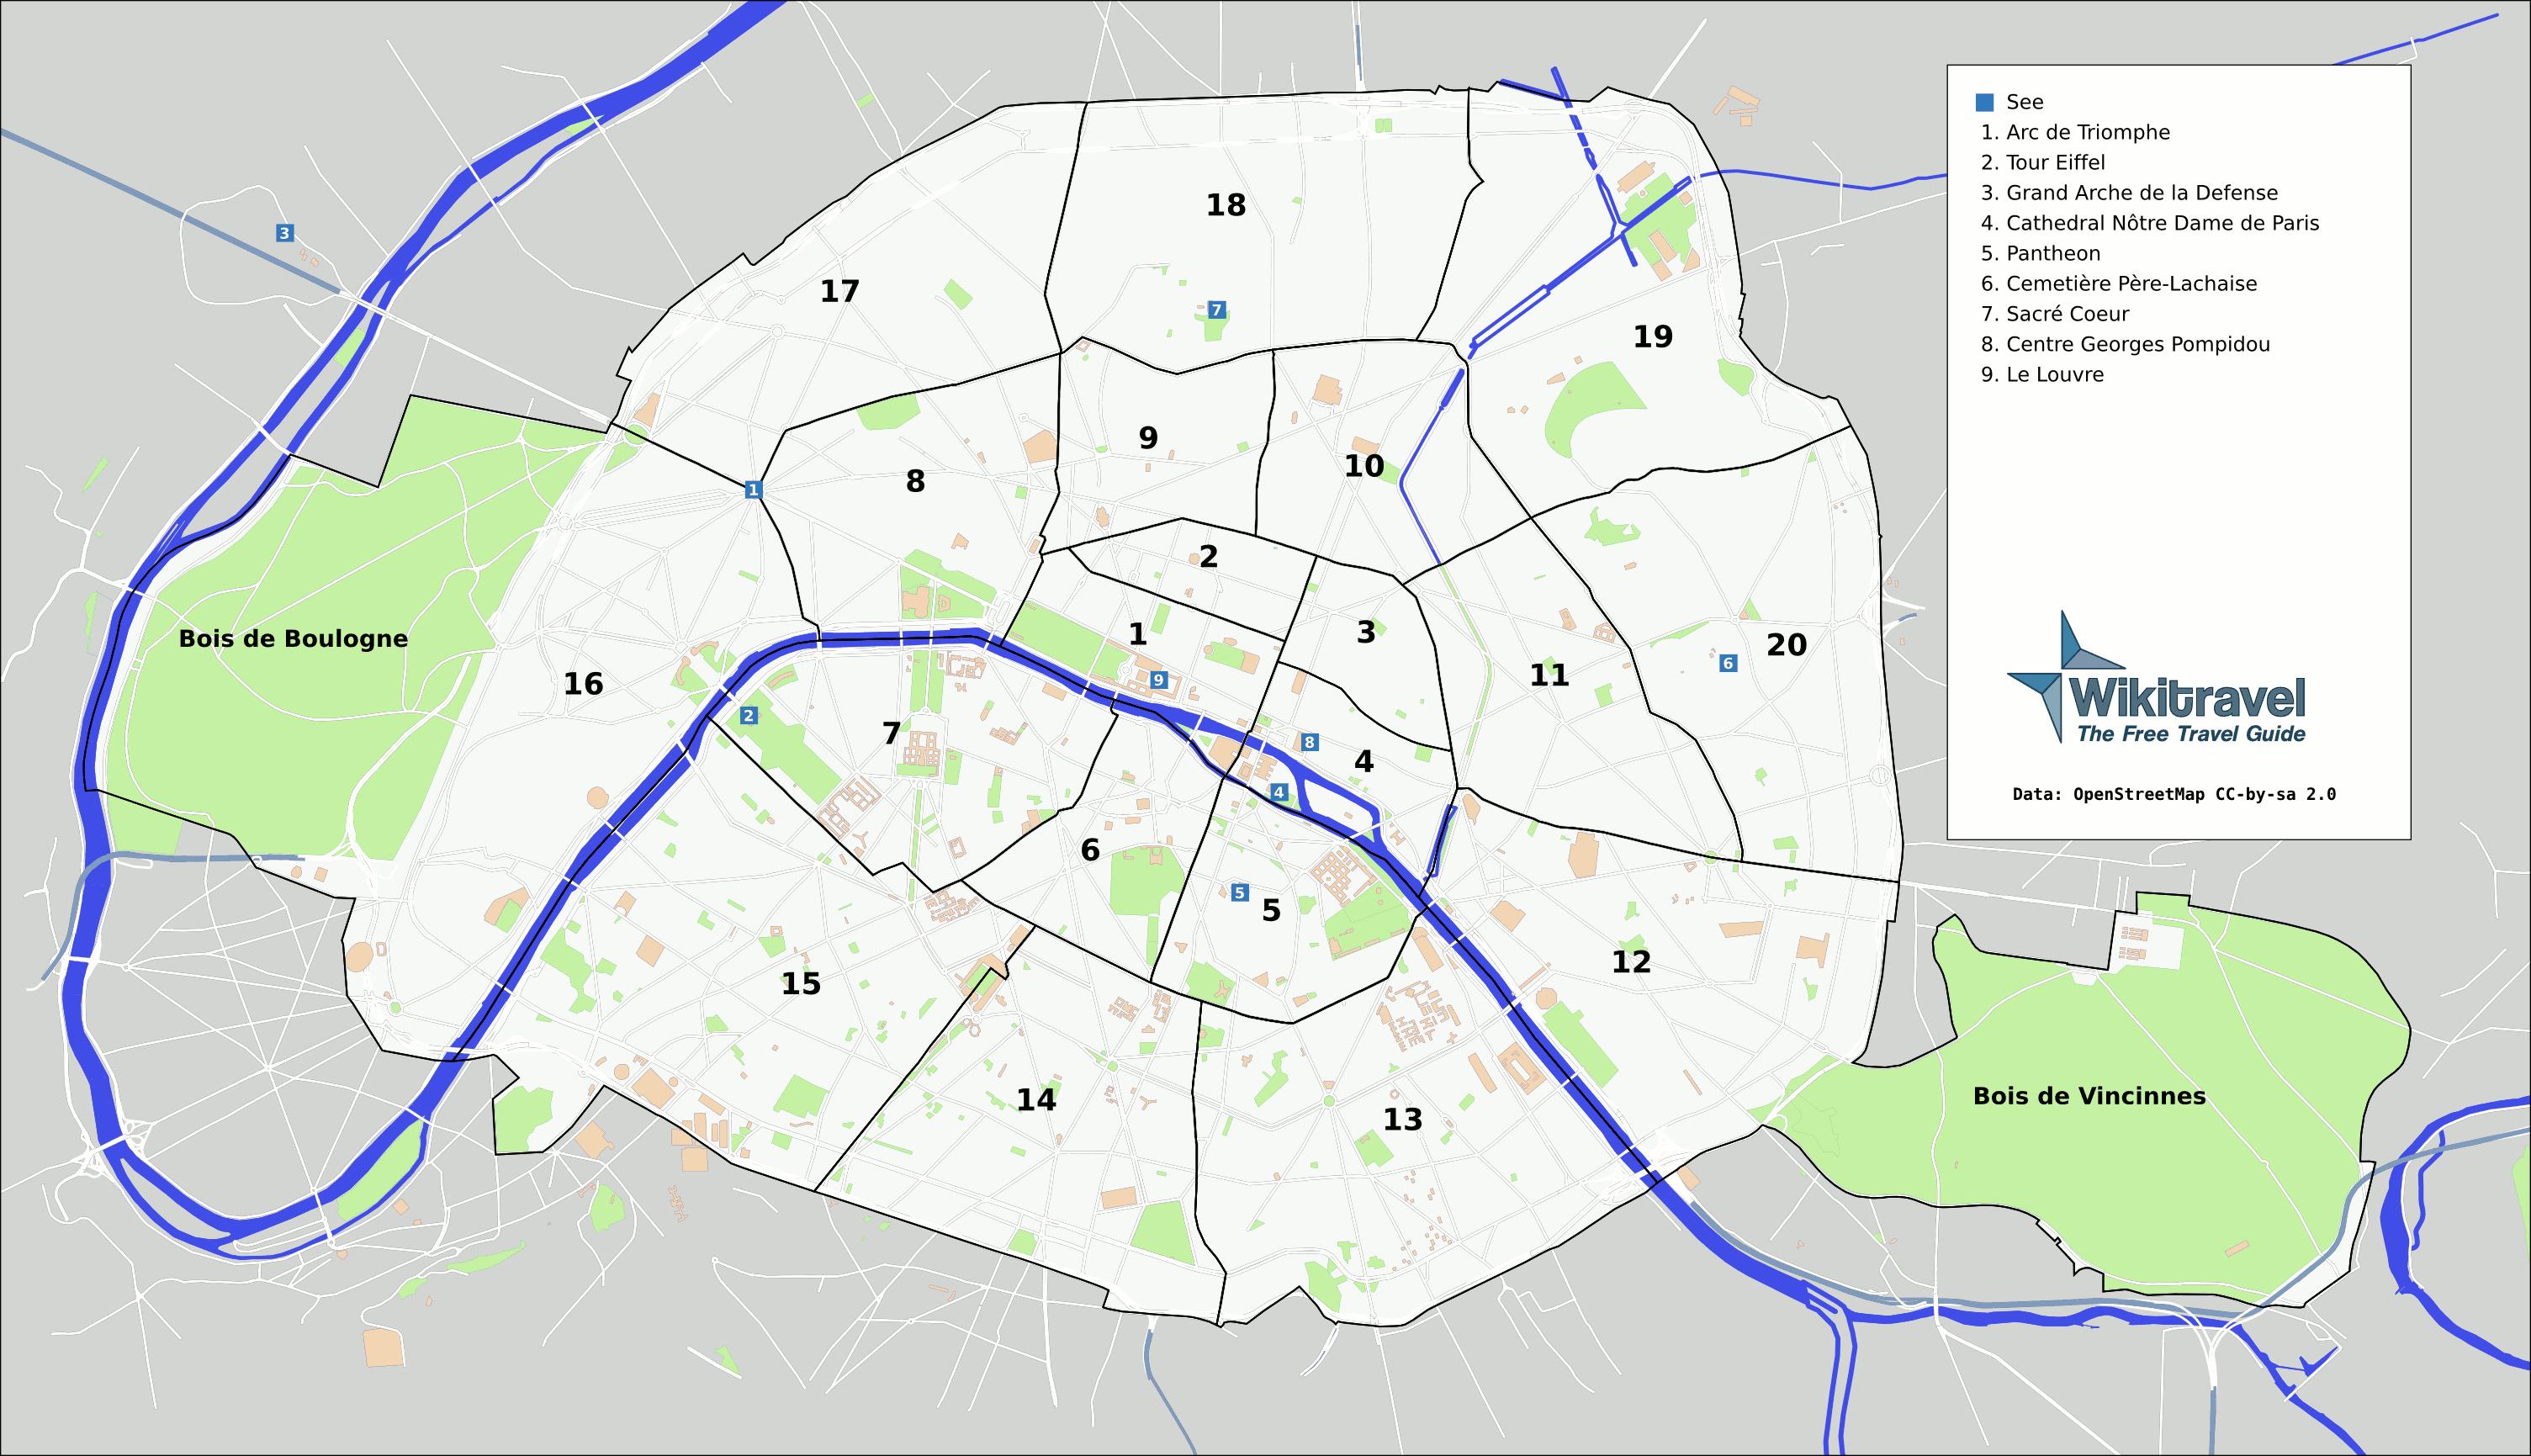 Karte Pariser Arrondissements creative Commons